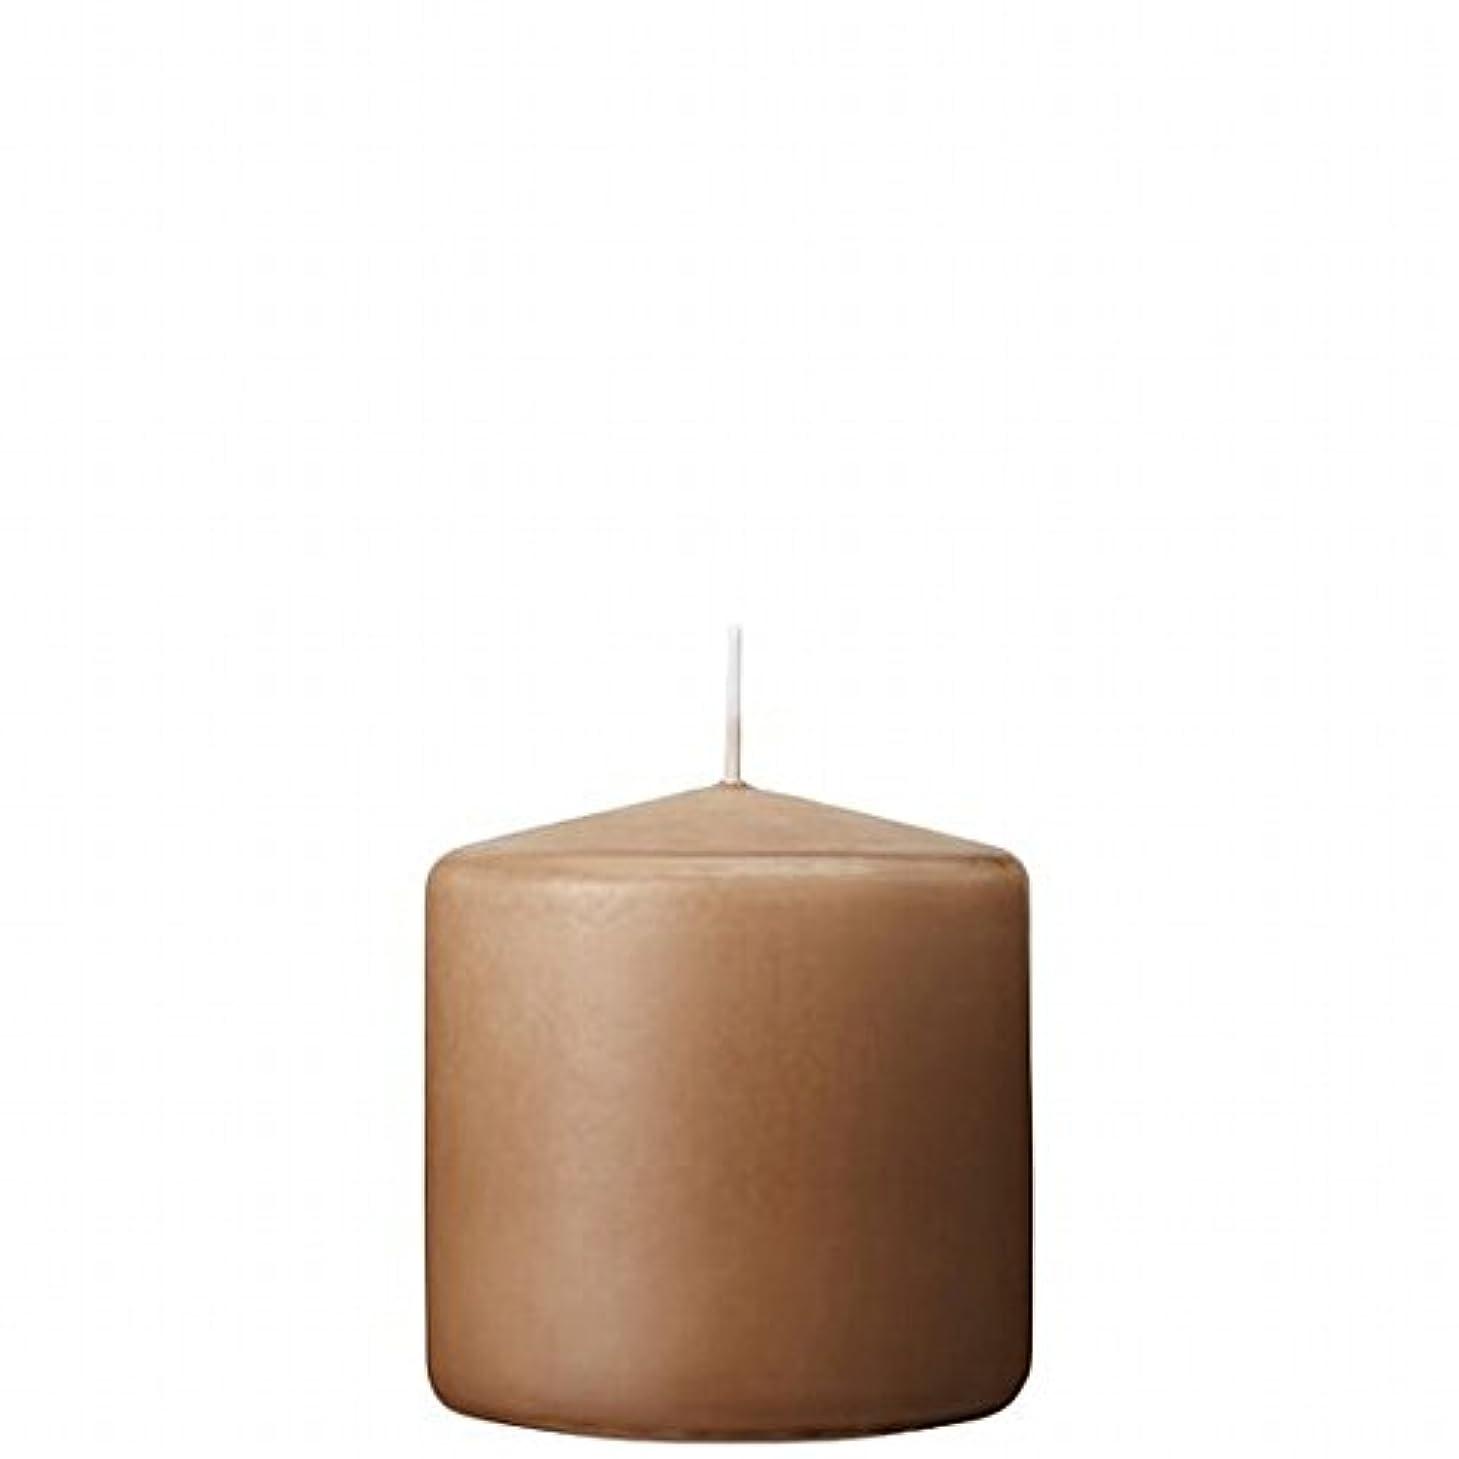 撤退わざわざセンブランスカメヤマキャンドル( kameyama candle ) 3×3ベルトップピラーキャンドル 「 モカ 」